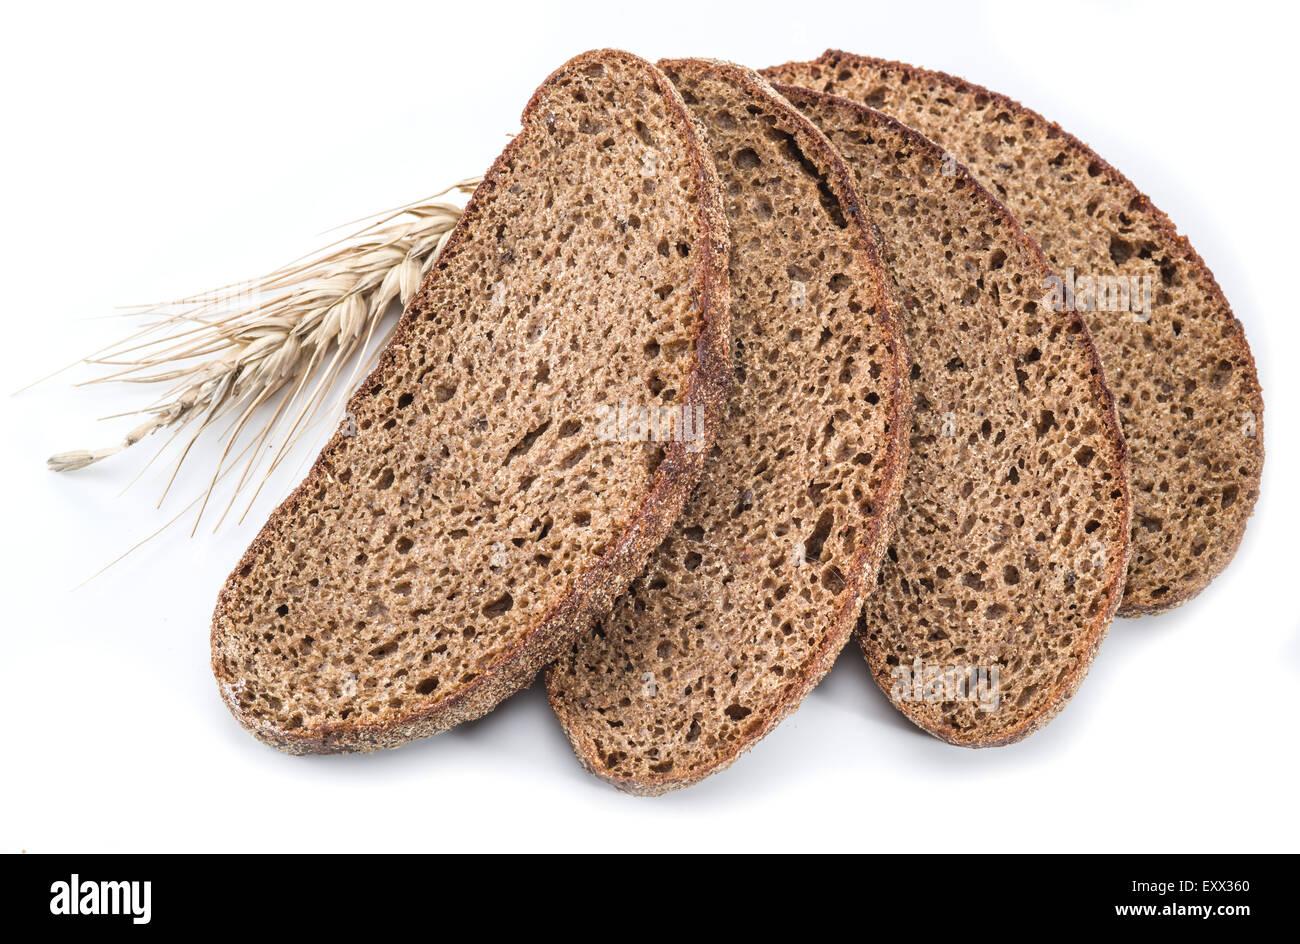 Rebanadas de pan sobre un fondo blanco. Imagen De Stock